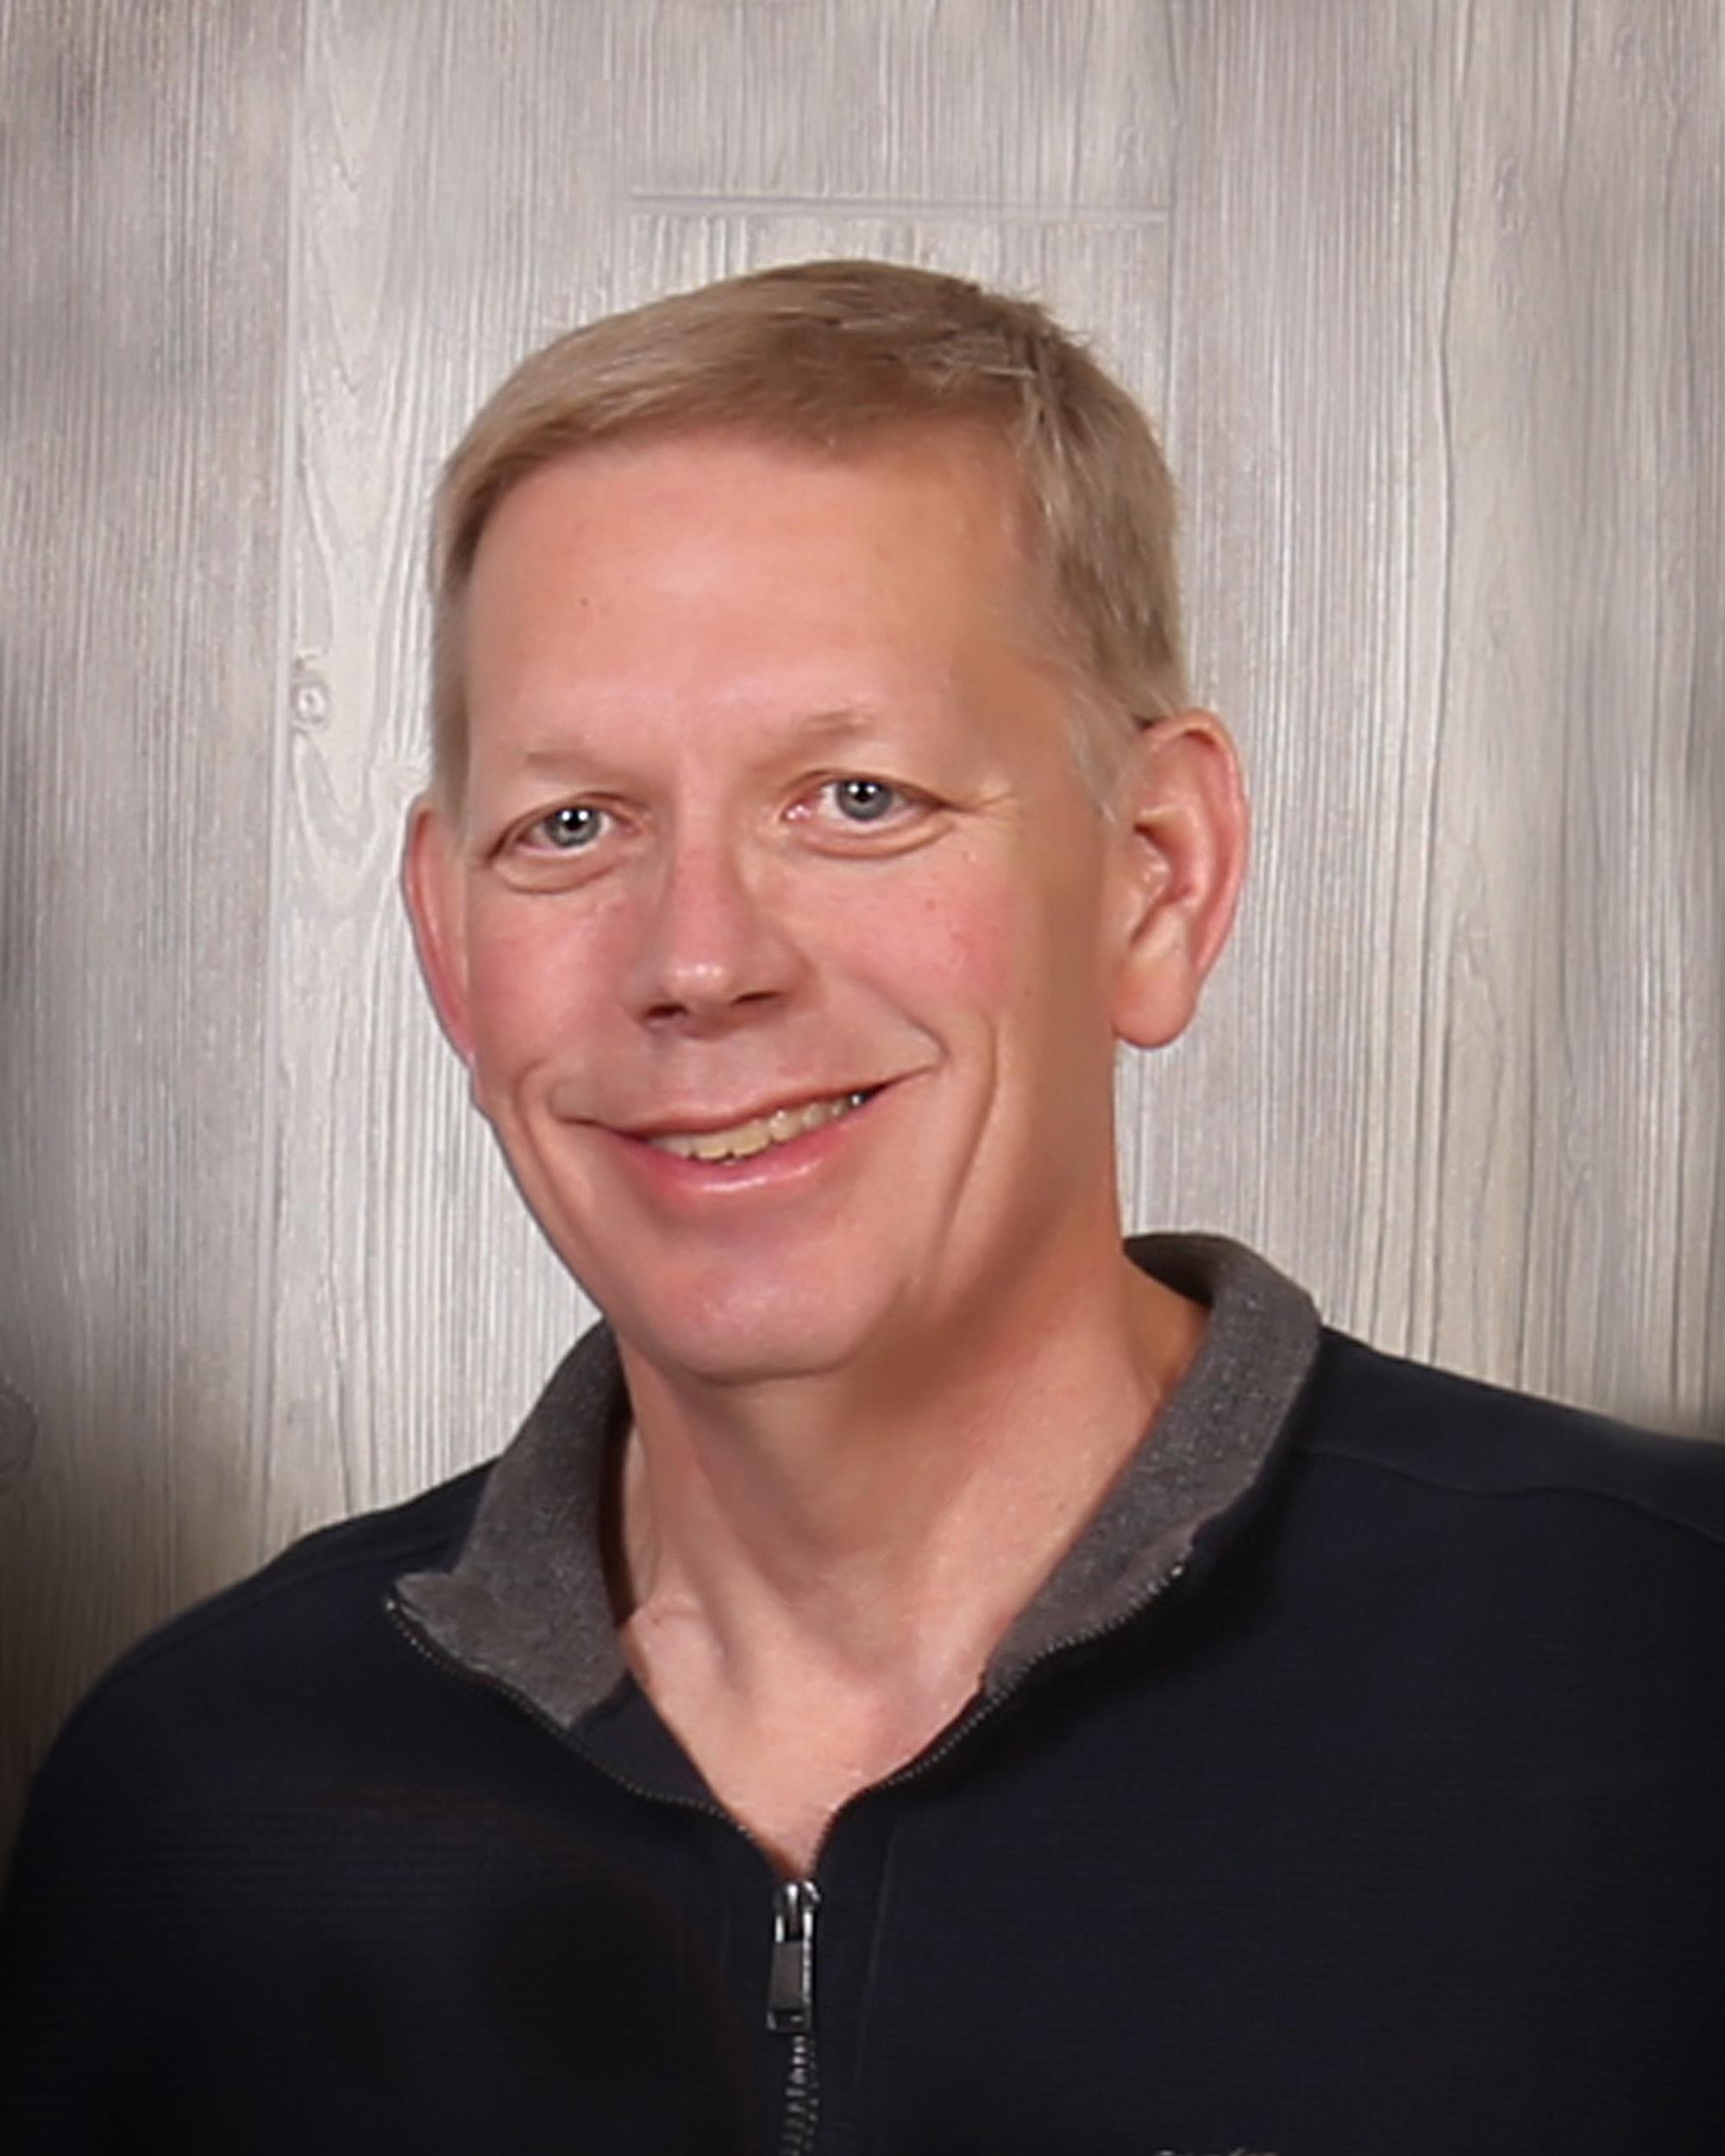 Jeffrey Scott Thurm